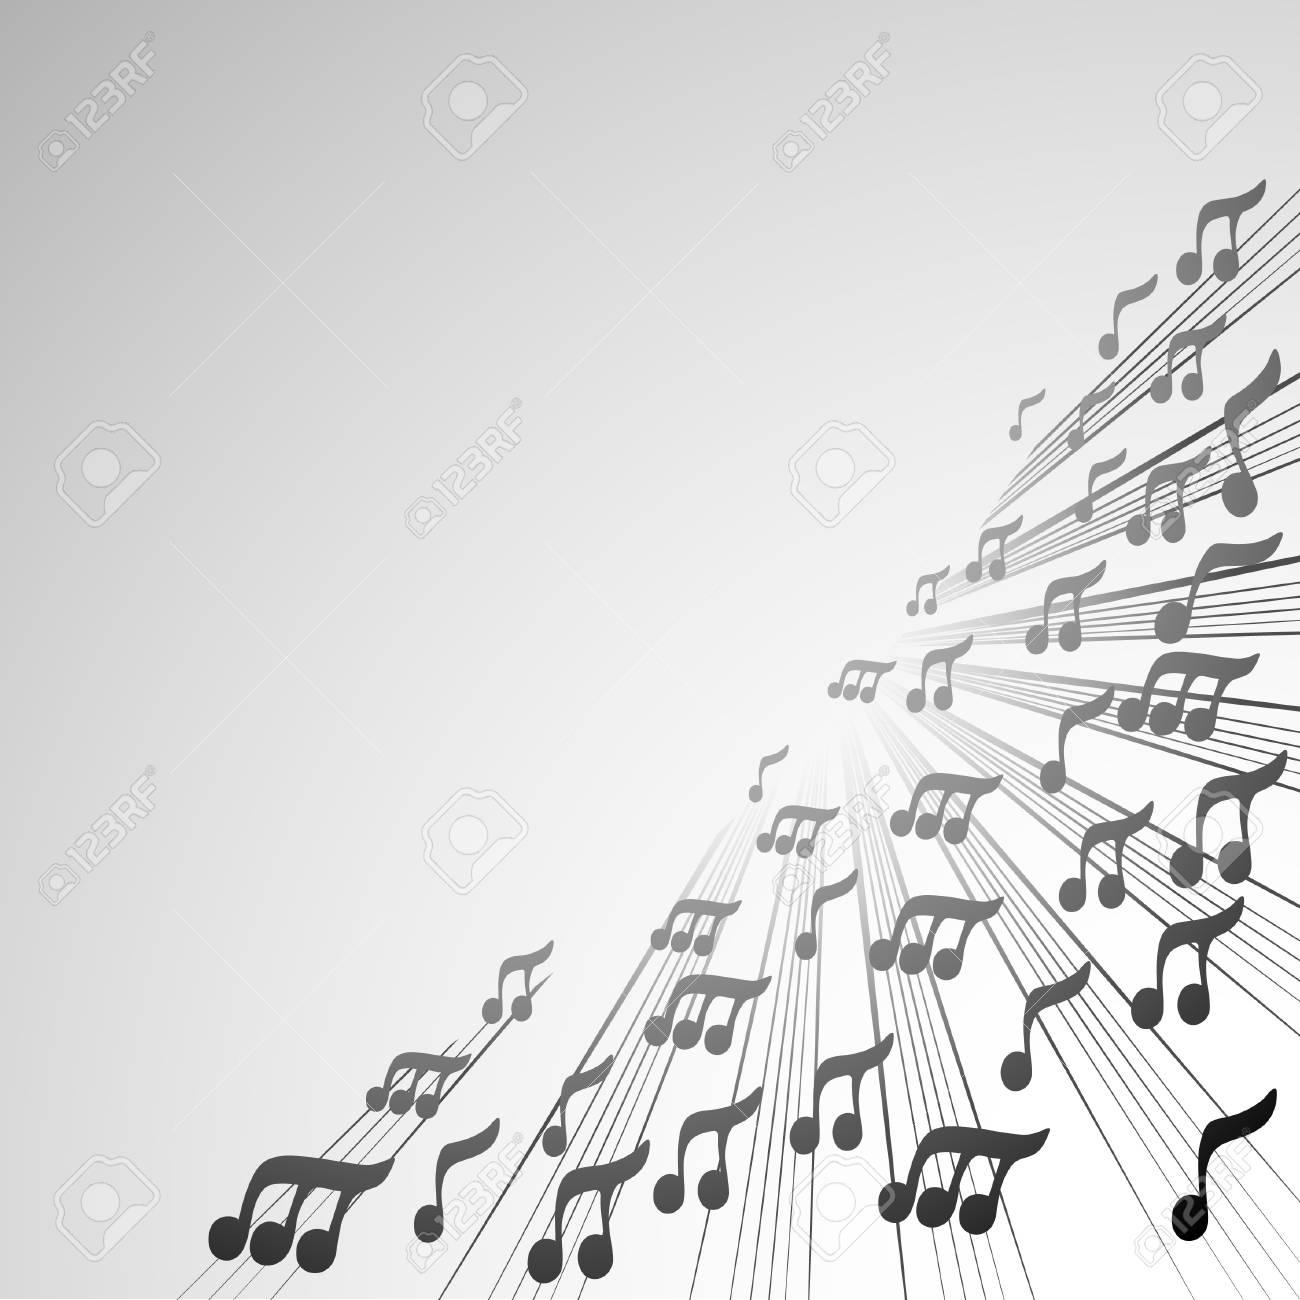 音楽の壁紙のイラスト素材 ベクタ Image 11304095